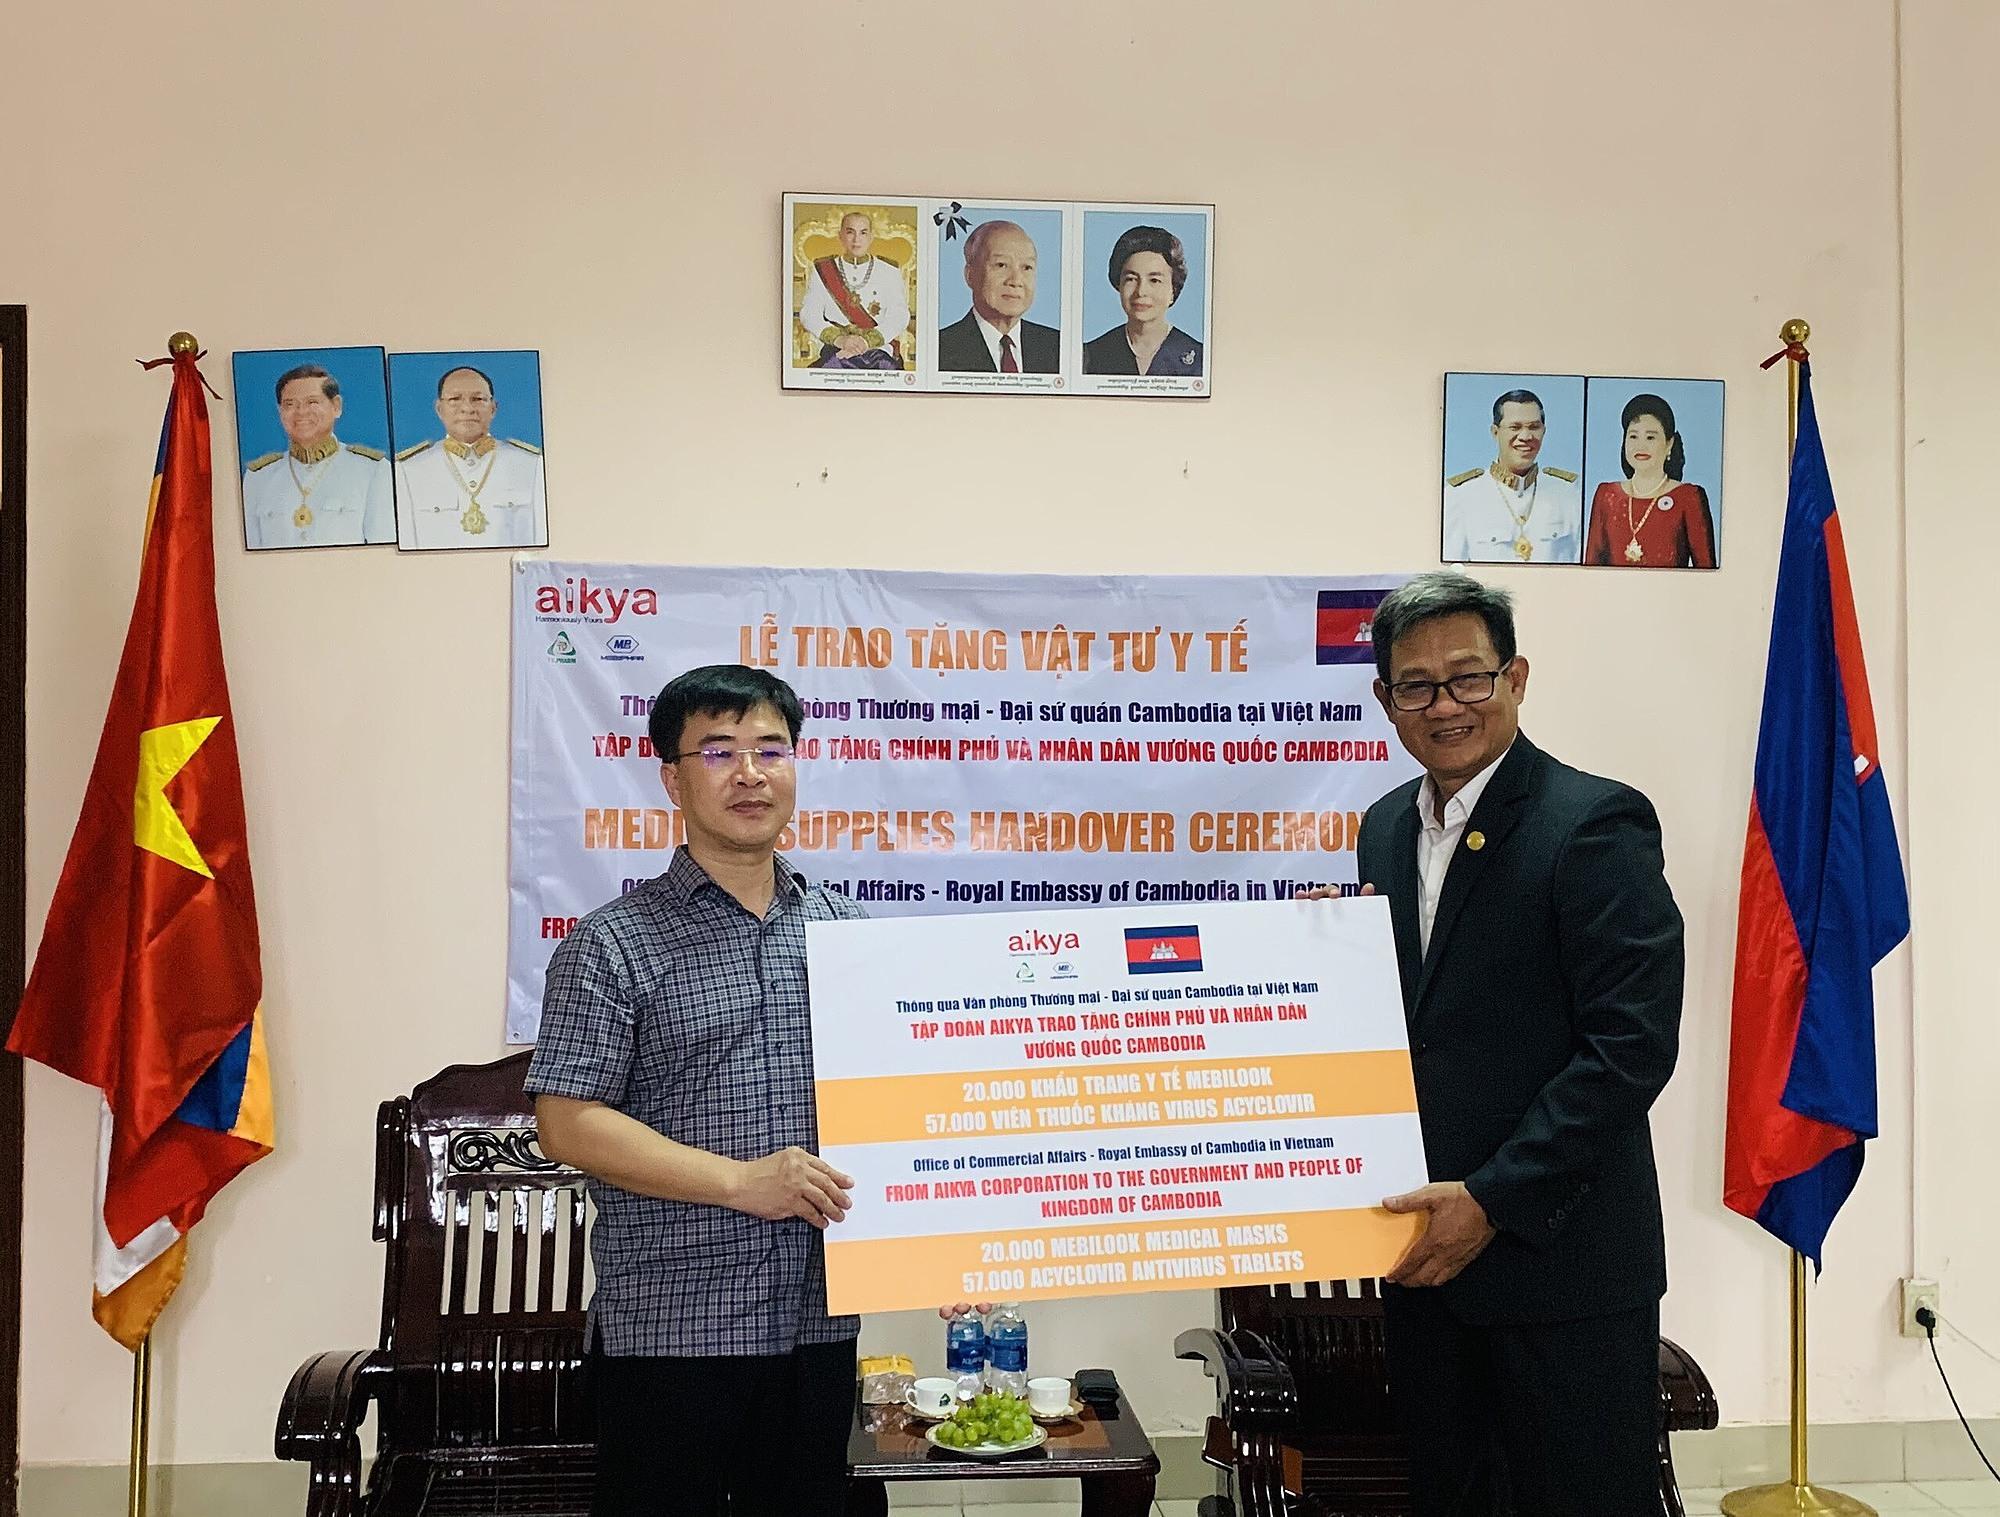 Đại diện Đại sứ quán Campuchia tại Việt Nam (bên phải) tiếp nhận vật tư y tế từ Tập Đoàn Aikya.